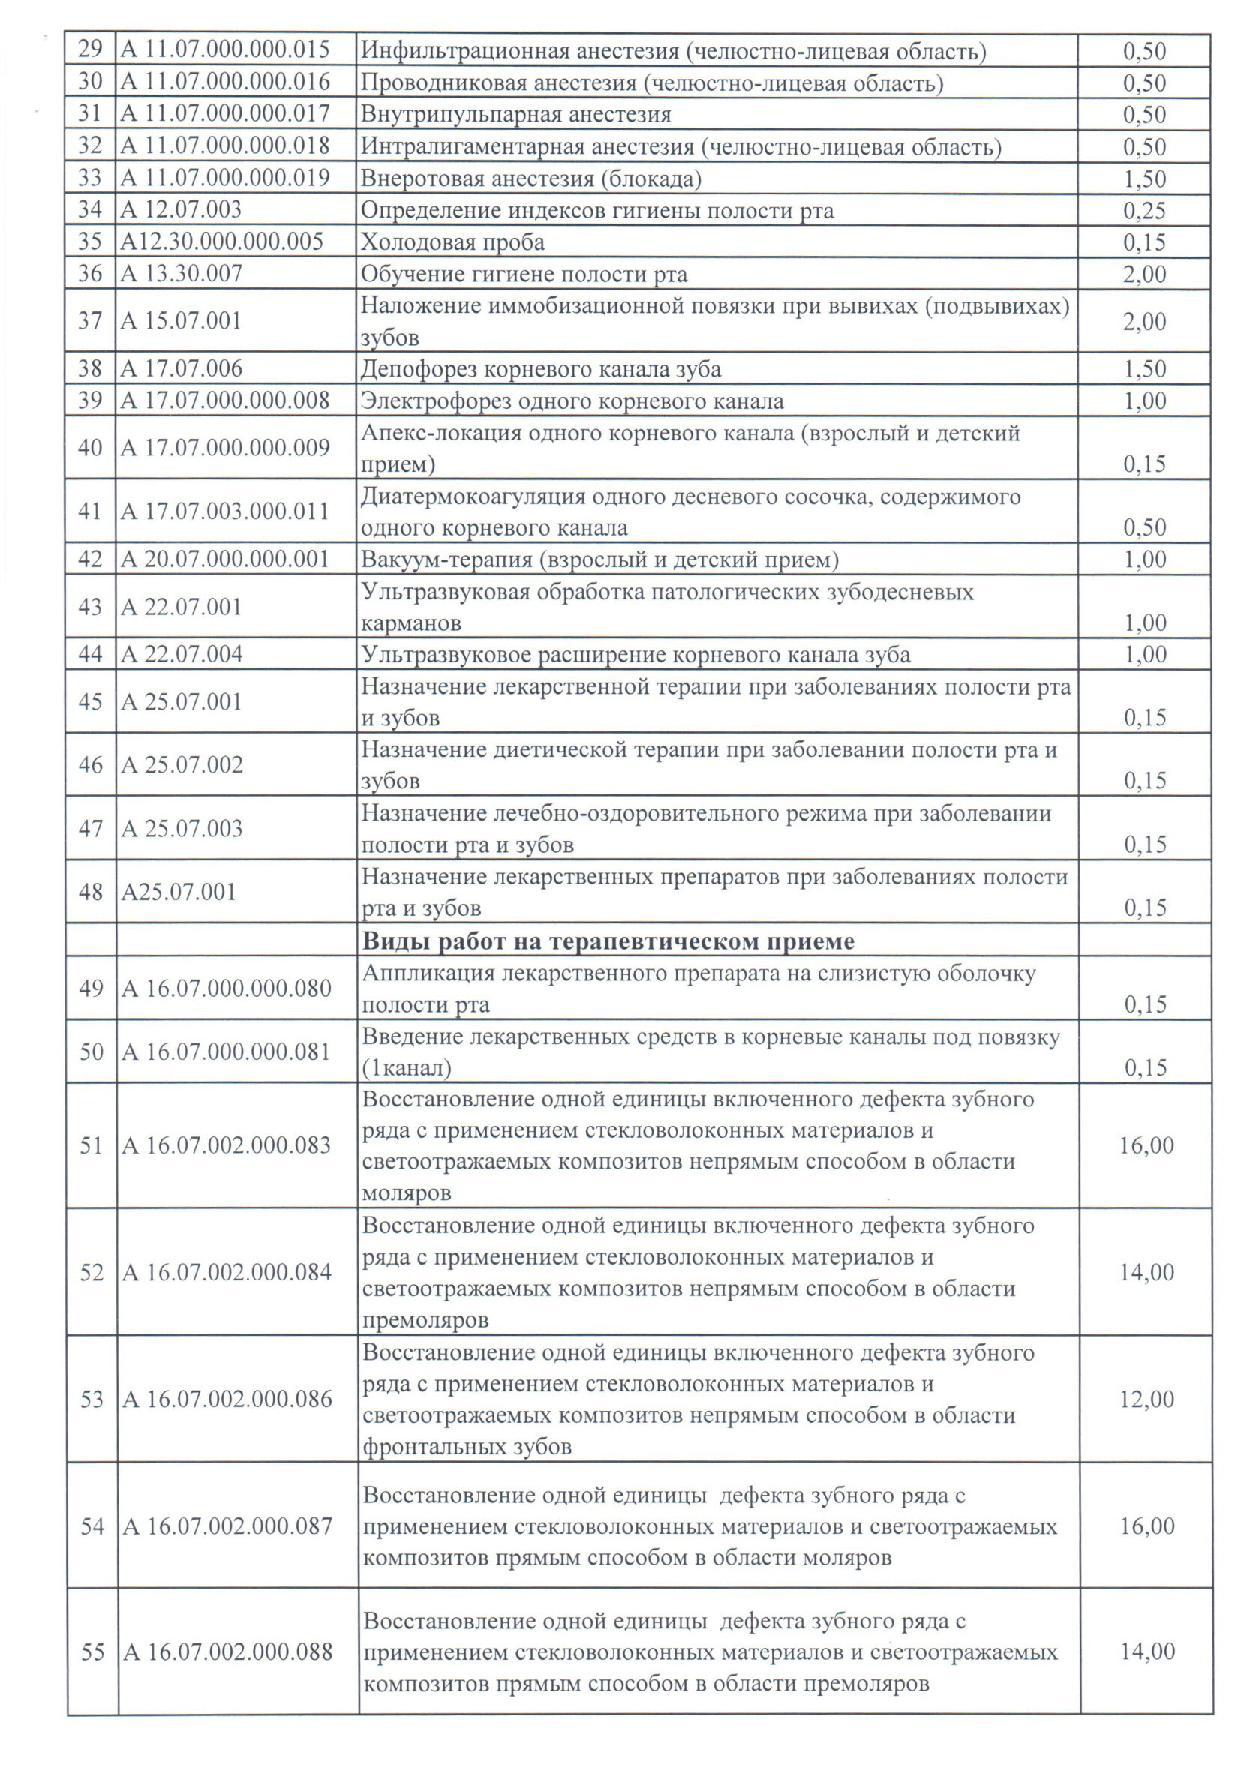 Приказ 28 от 12.02.2016 об утверждении перечня платных медицинских услуг (3)